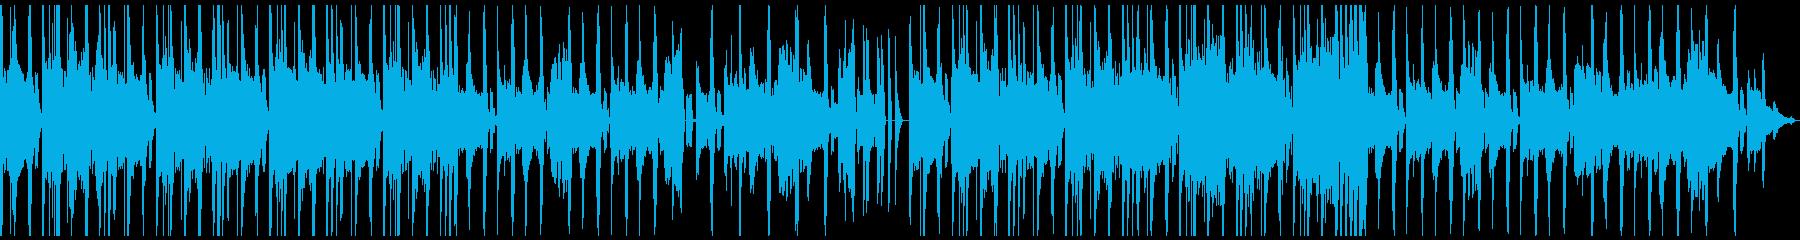 サイバーパンク系ゲームに合うBGMですの再生済みの波形